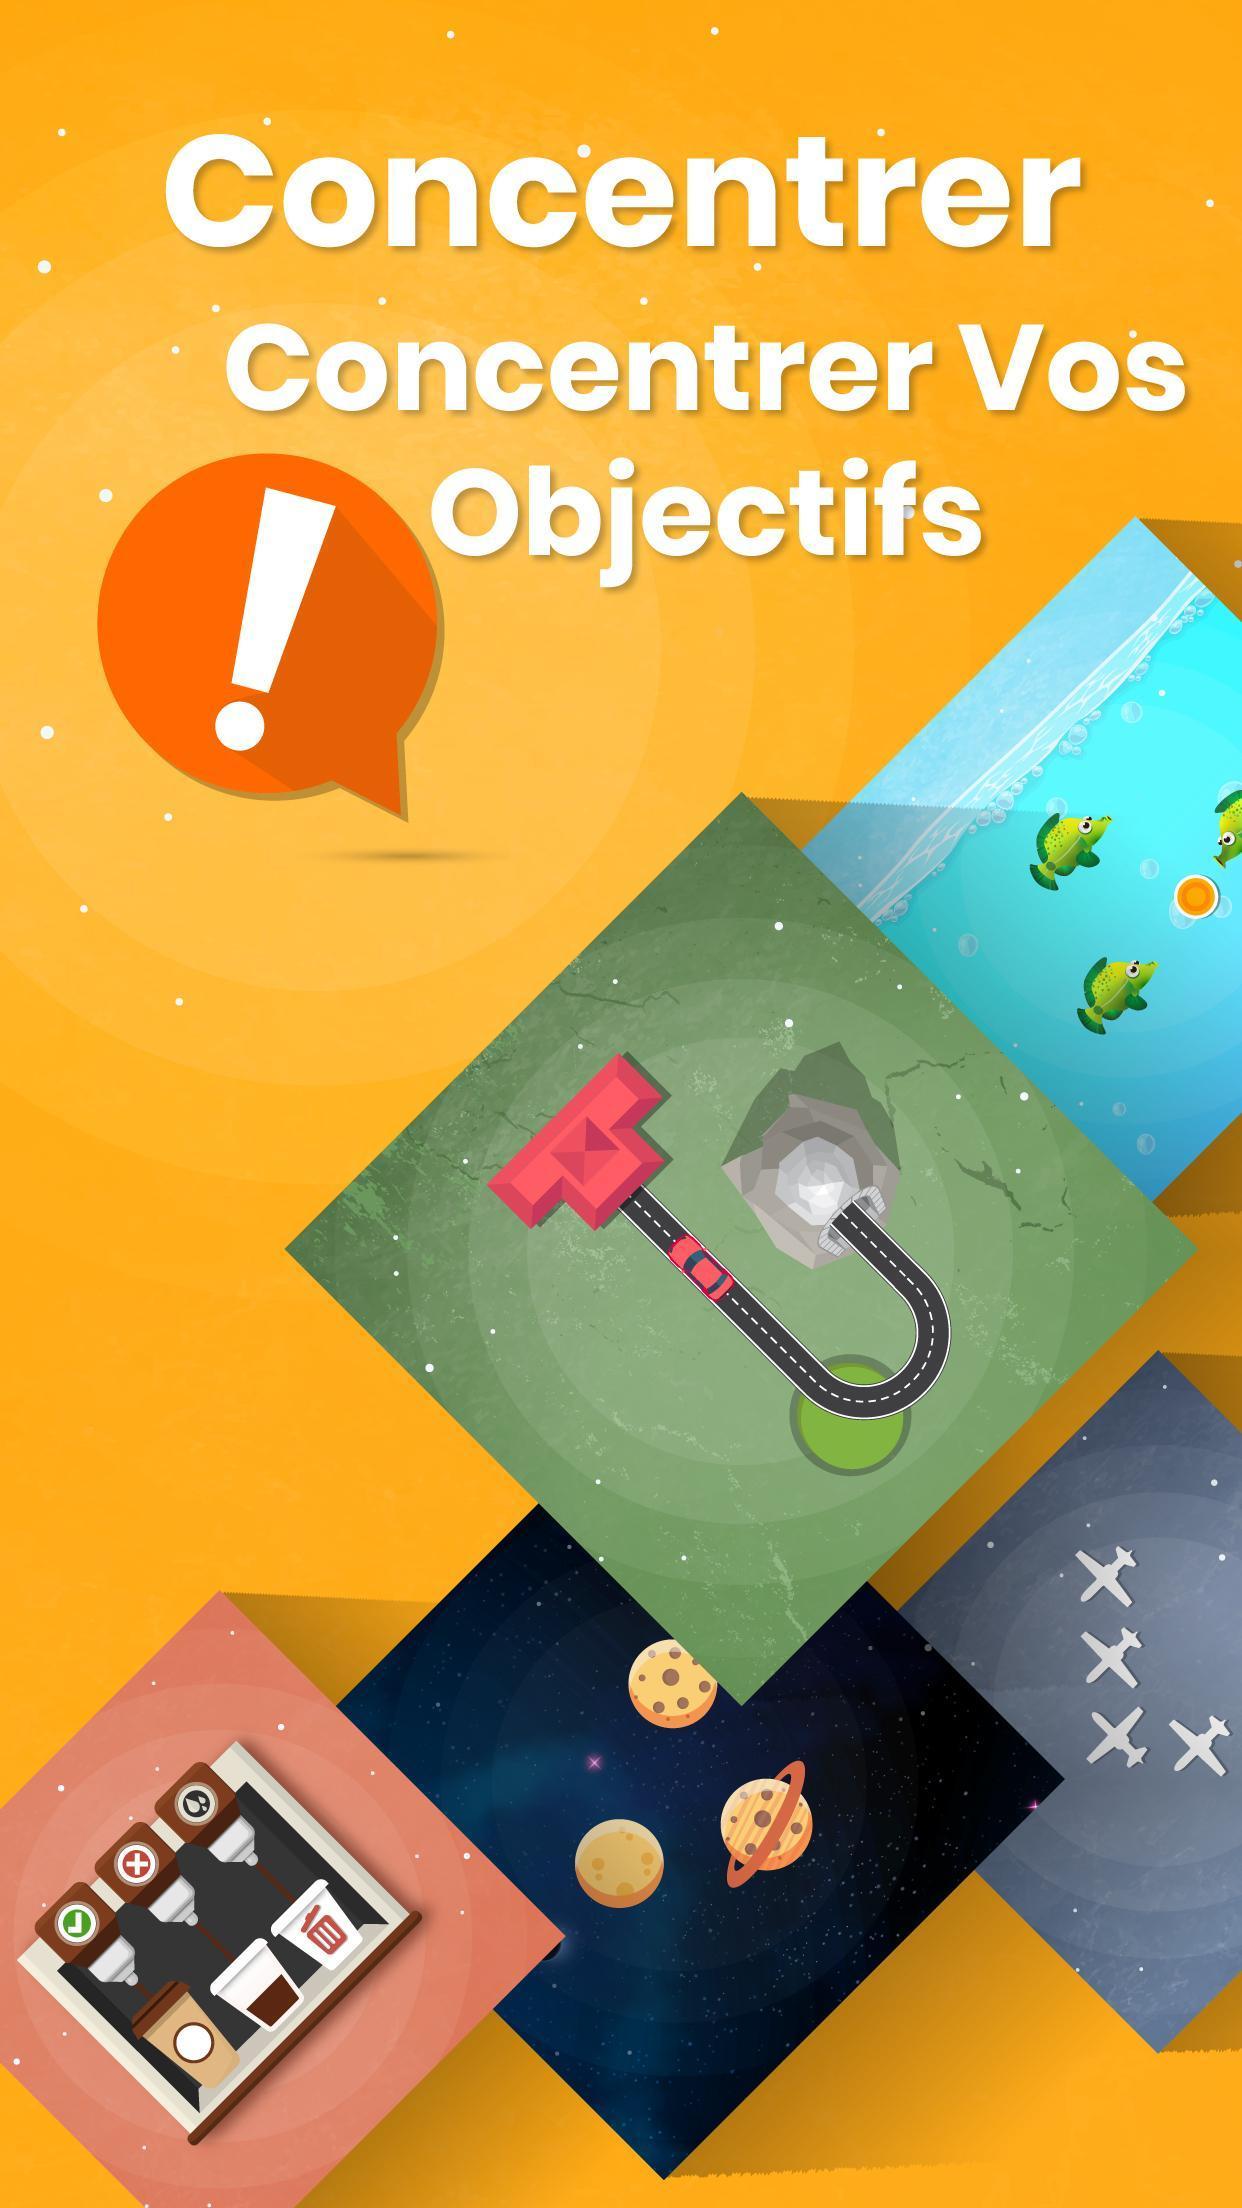 Jeux Cérébral Gratuit Pour Adultes Et Enfants Pour Android encequiconcerne Jeux De Reflexion Gratuit Pour Adulte